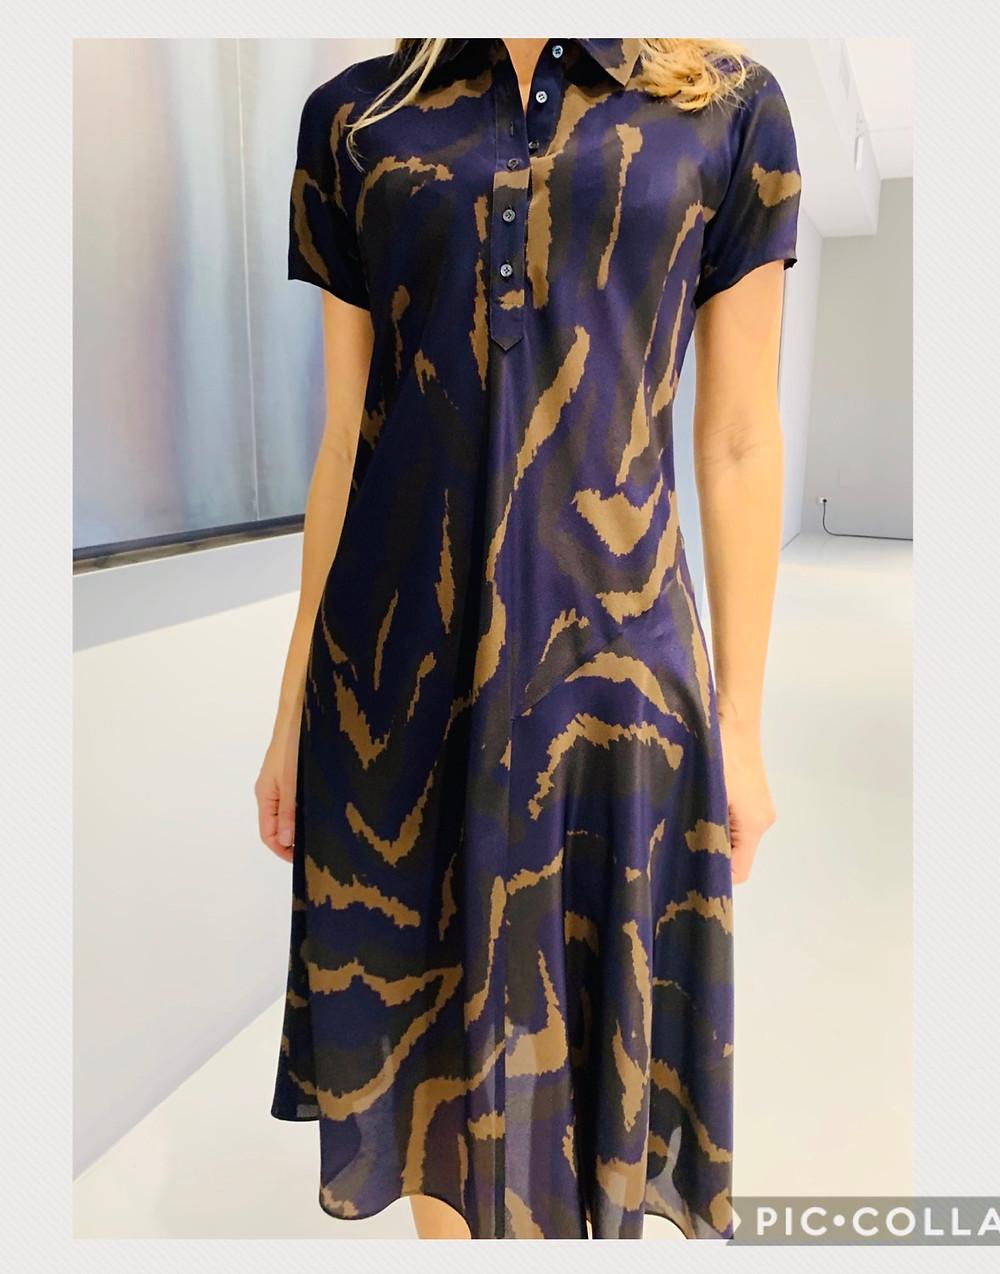 קולקציית סתיו 2020 מיקי שרוני אופנה בייבוא אישי, שמלת סתיו ממשי בגזרת פולו, שמל בצבעי סגול וחאקי - שילוב מפתיע ומוצלח מאוד